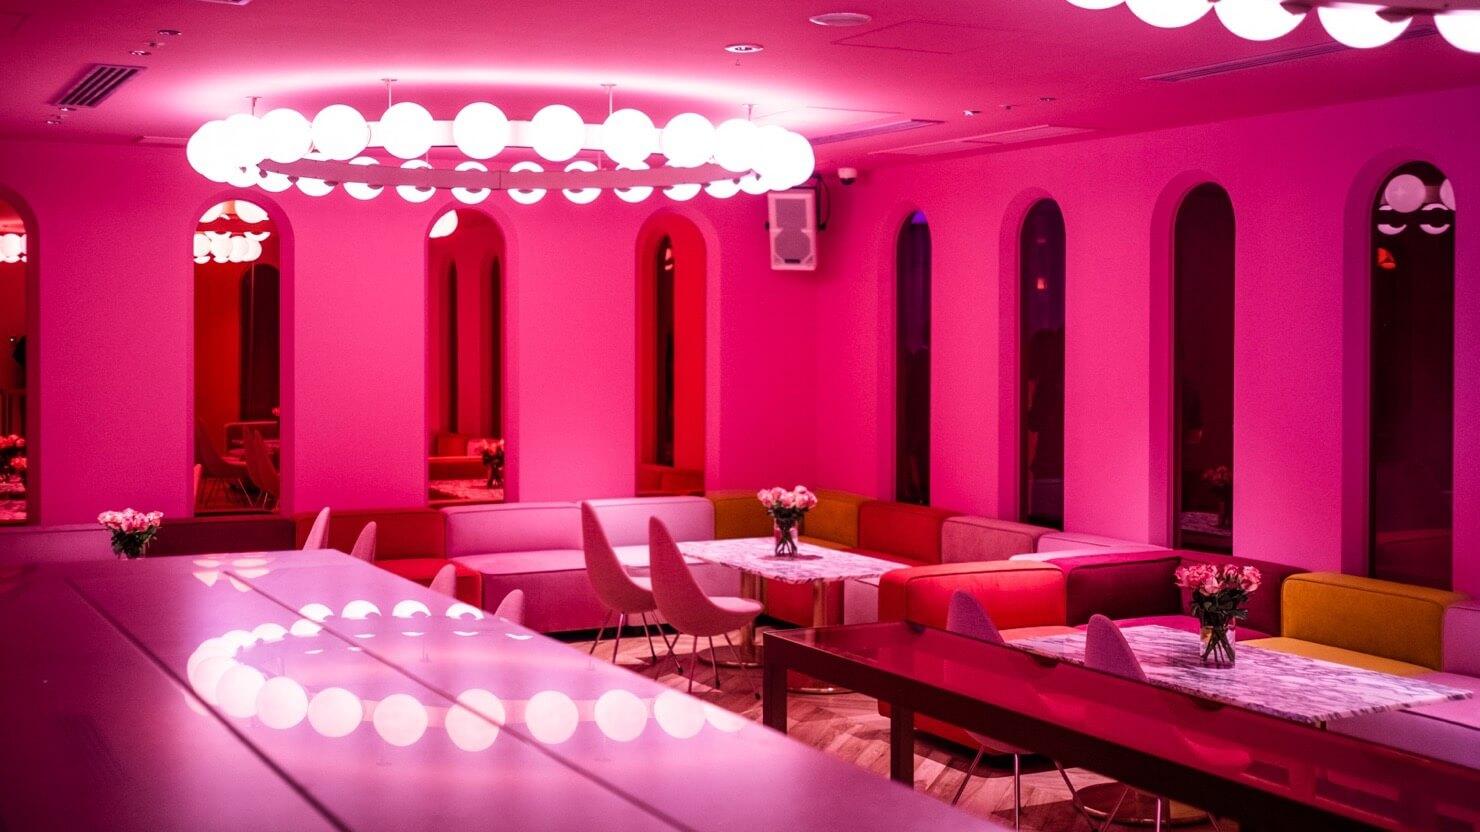 Plustokyo new open music venue kirarito ginza 6